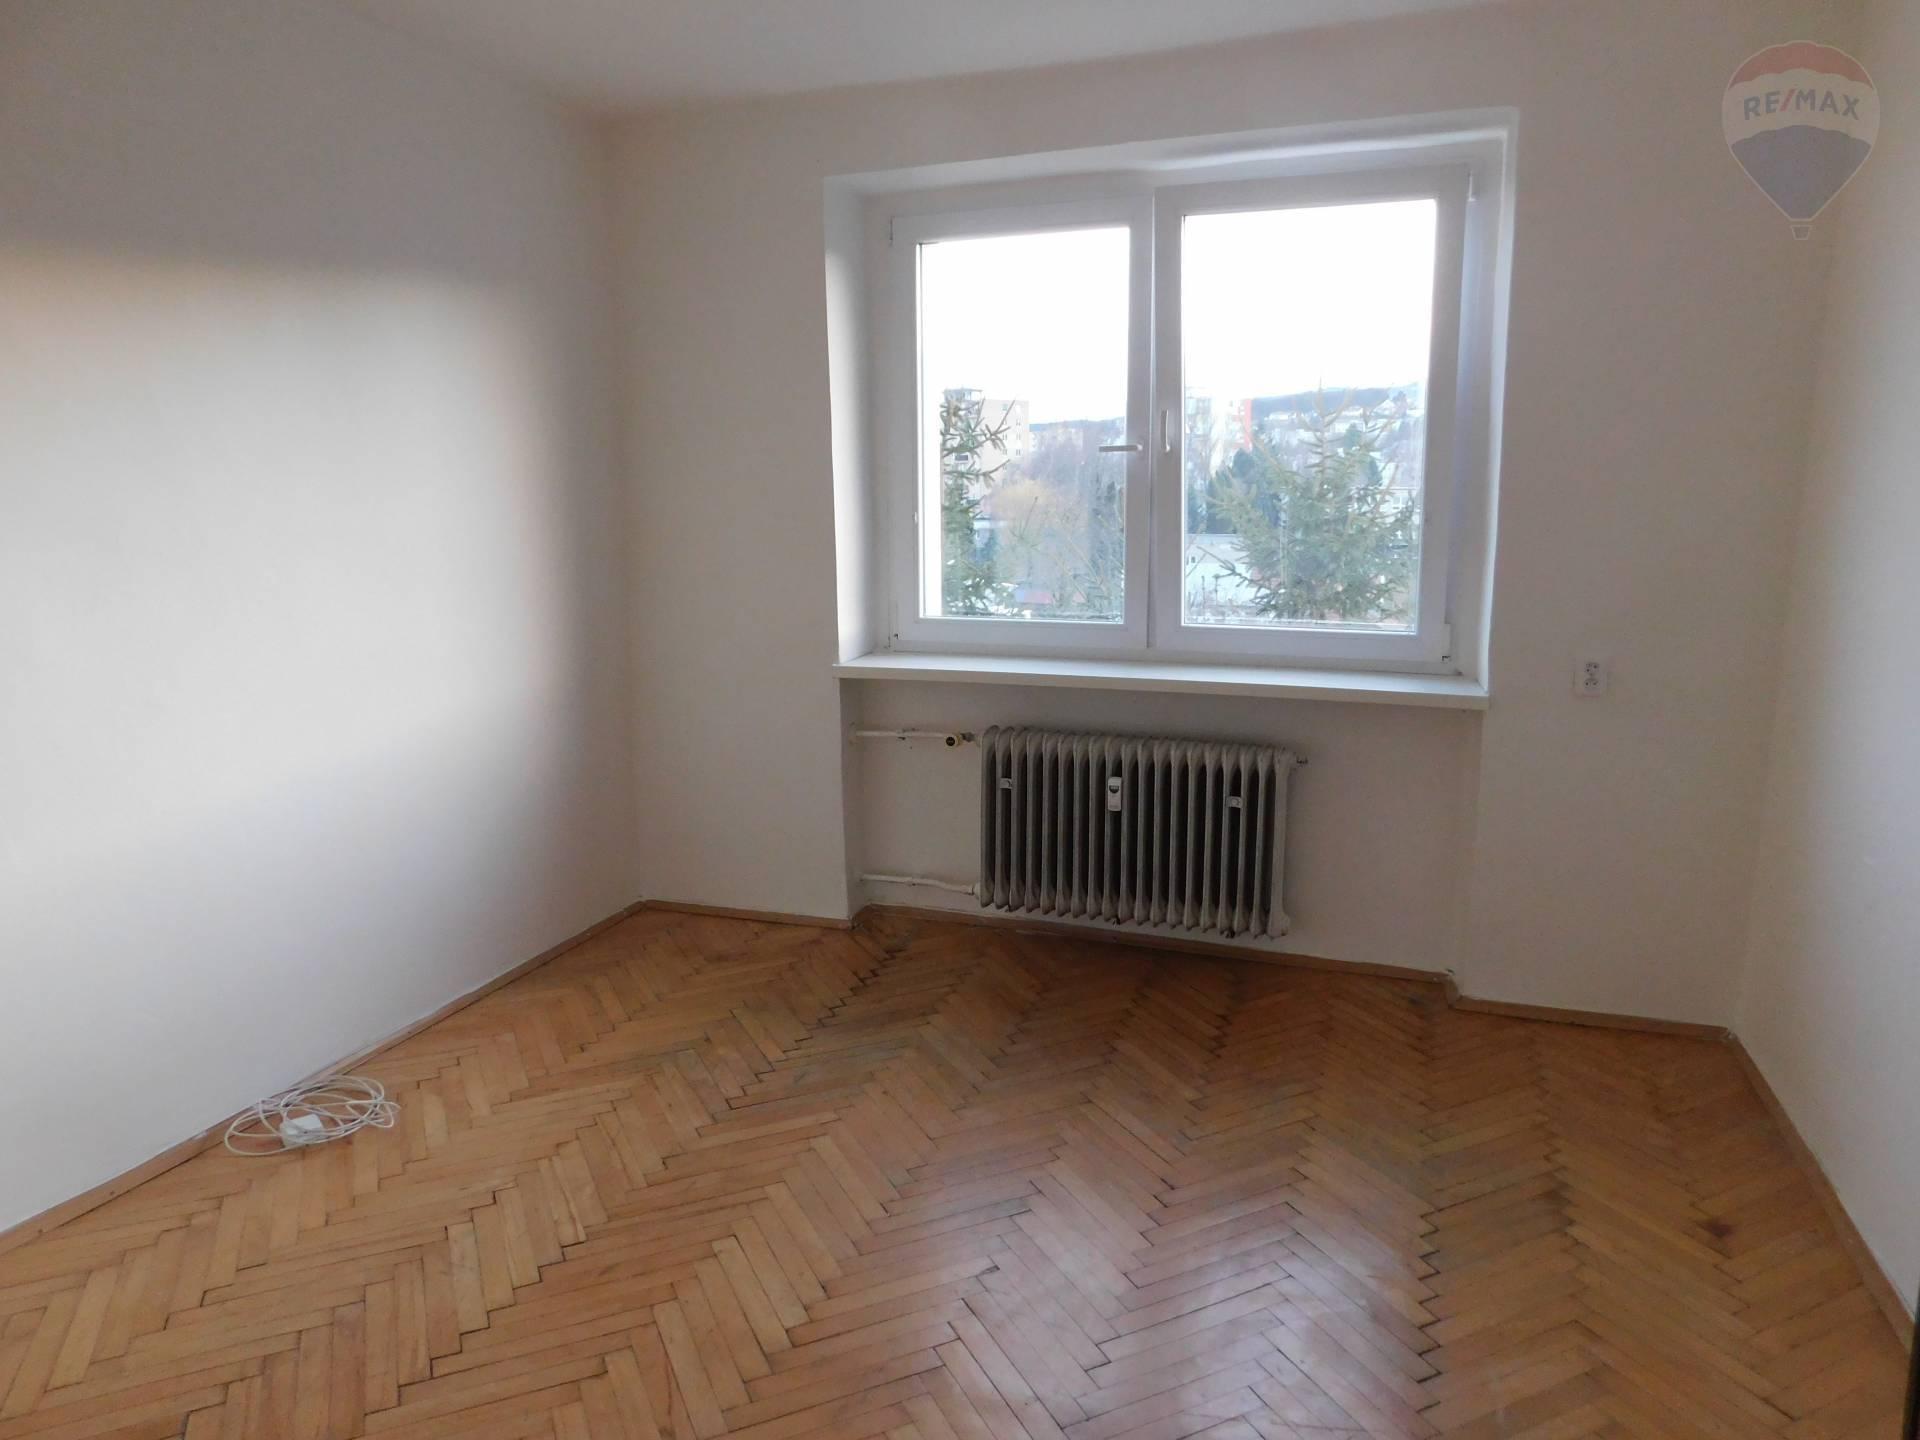 Predaj 1i bytu - Banská Bystrica